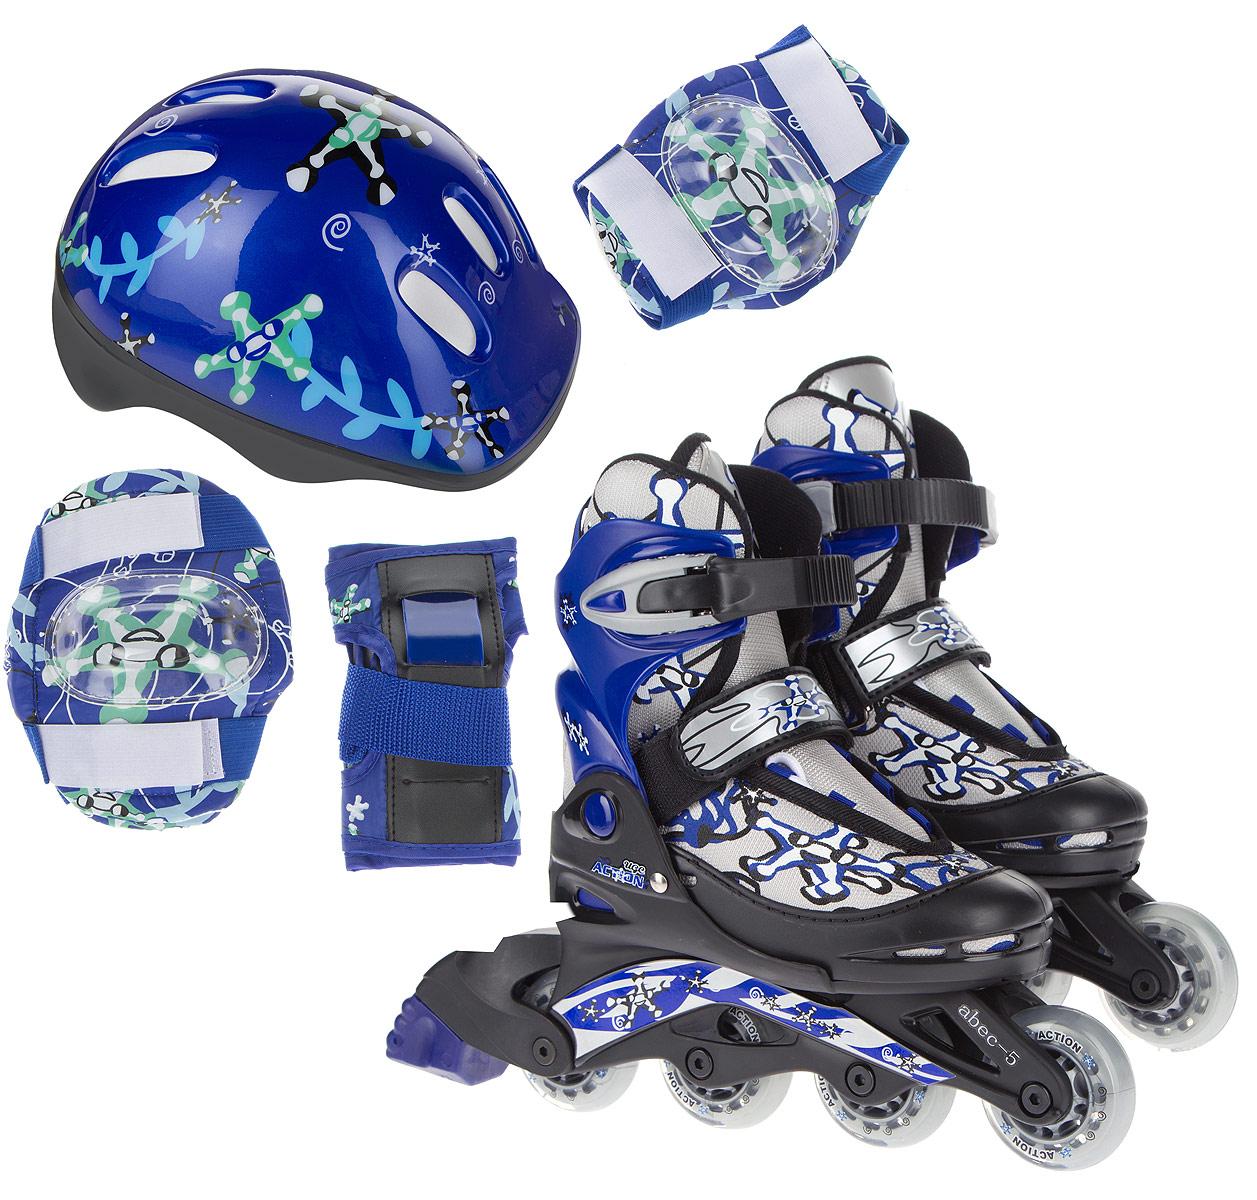 Набор Action: коньки роликовые, защита, шлем, цвет: синий, серый, черный, светло-зеленый, белый. PW-780. Размер 30/33